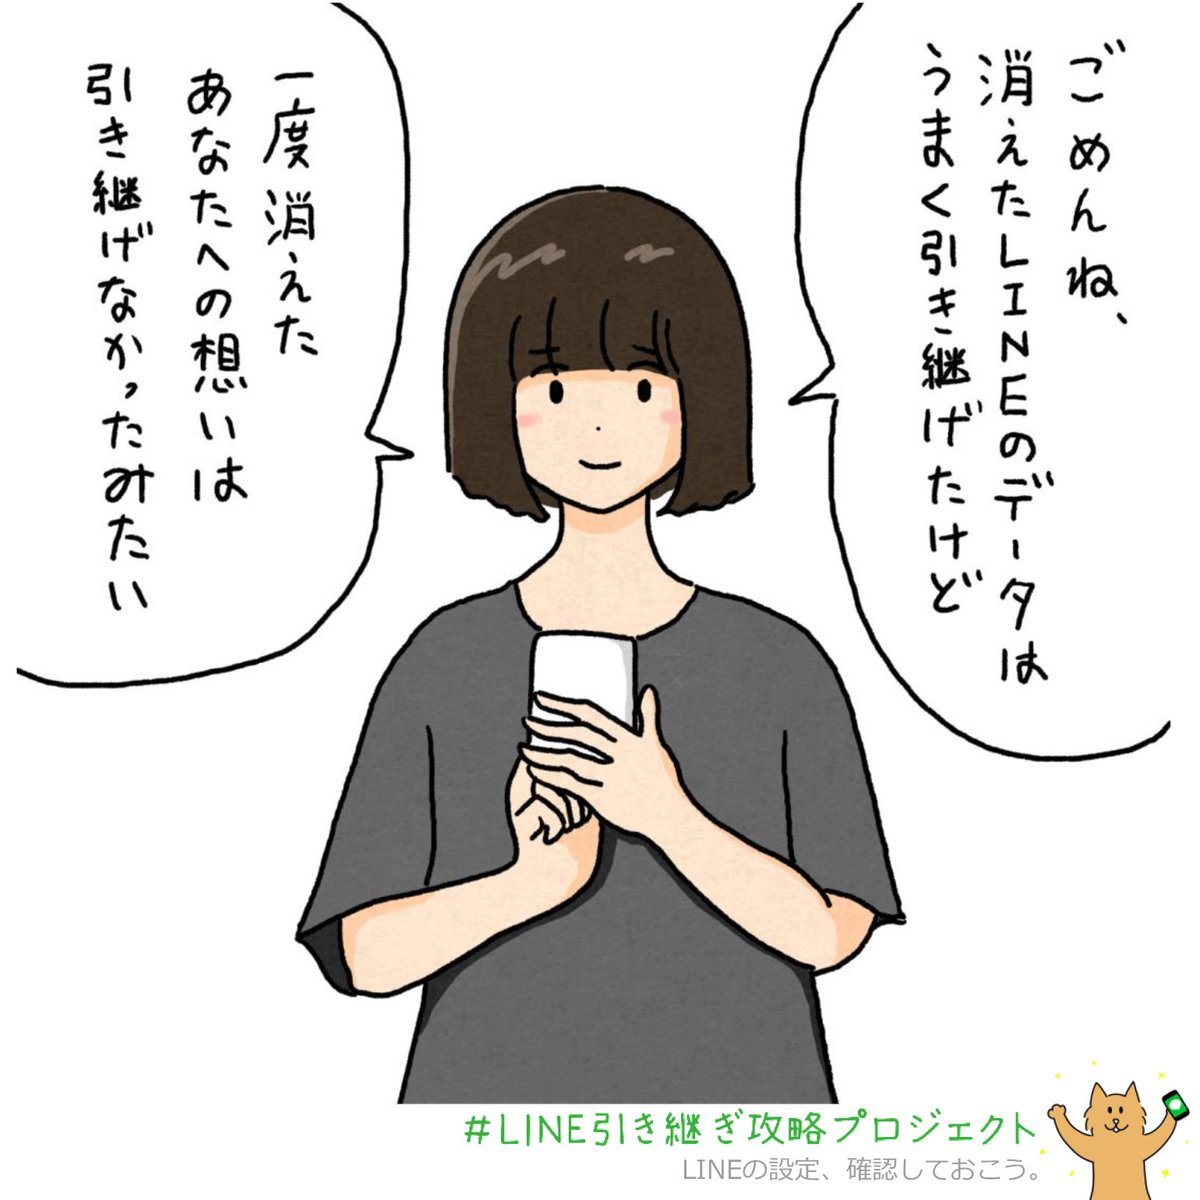 『引き継ぎ失敗』 作:しおひがり (@shiohigari114 )  #LINE引き継ぎ劇場 https://t.co/uKDtQg7qxC